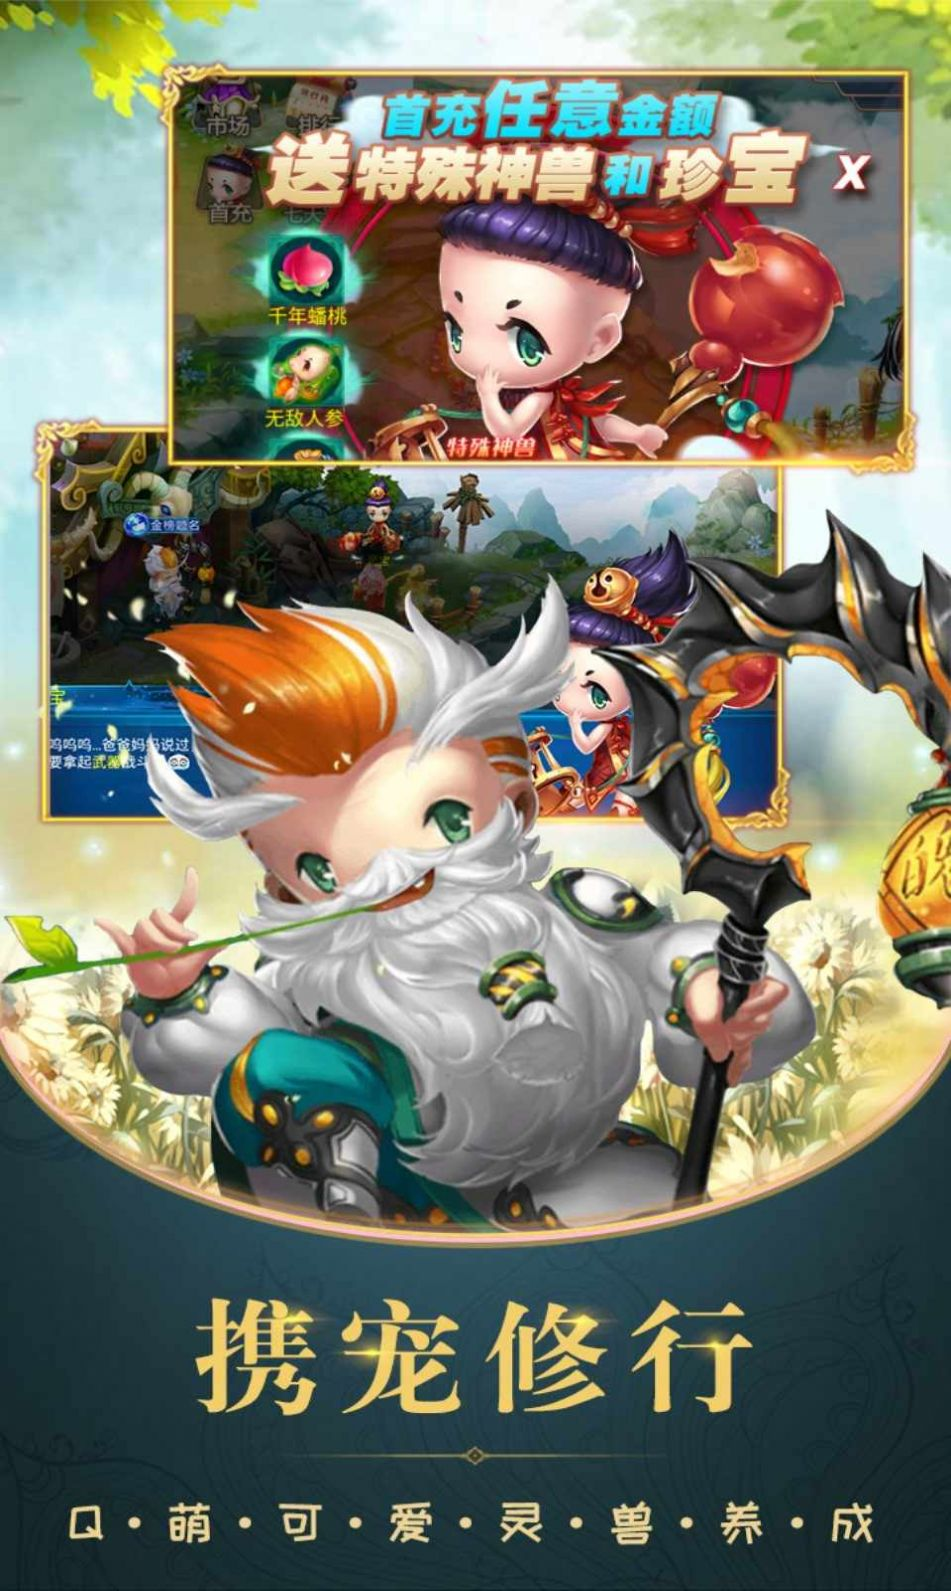 梦情西游2.1游戏官方版图1: